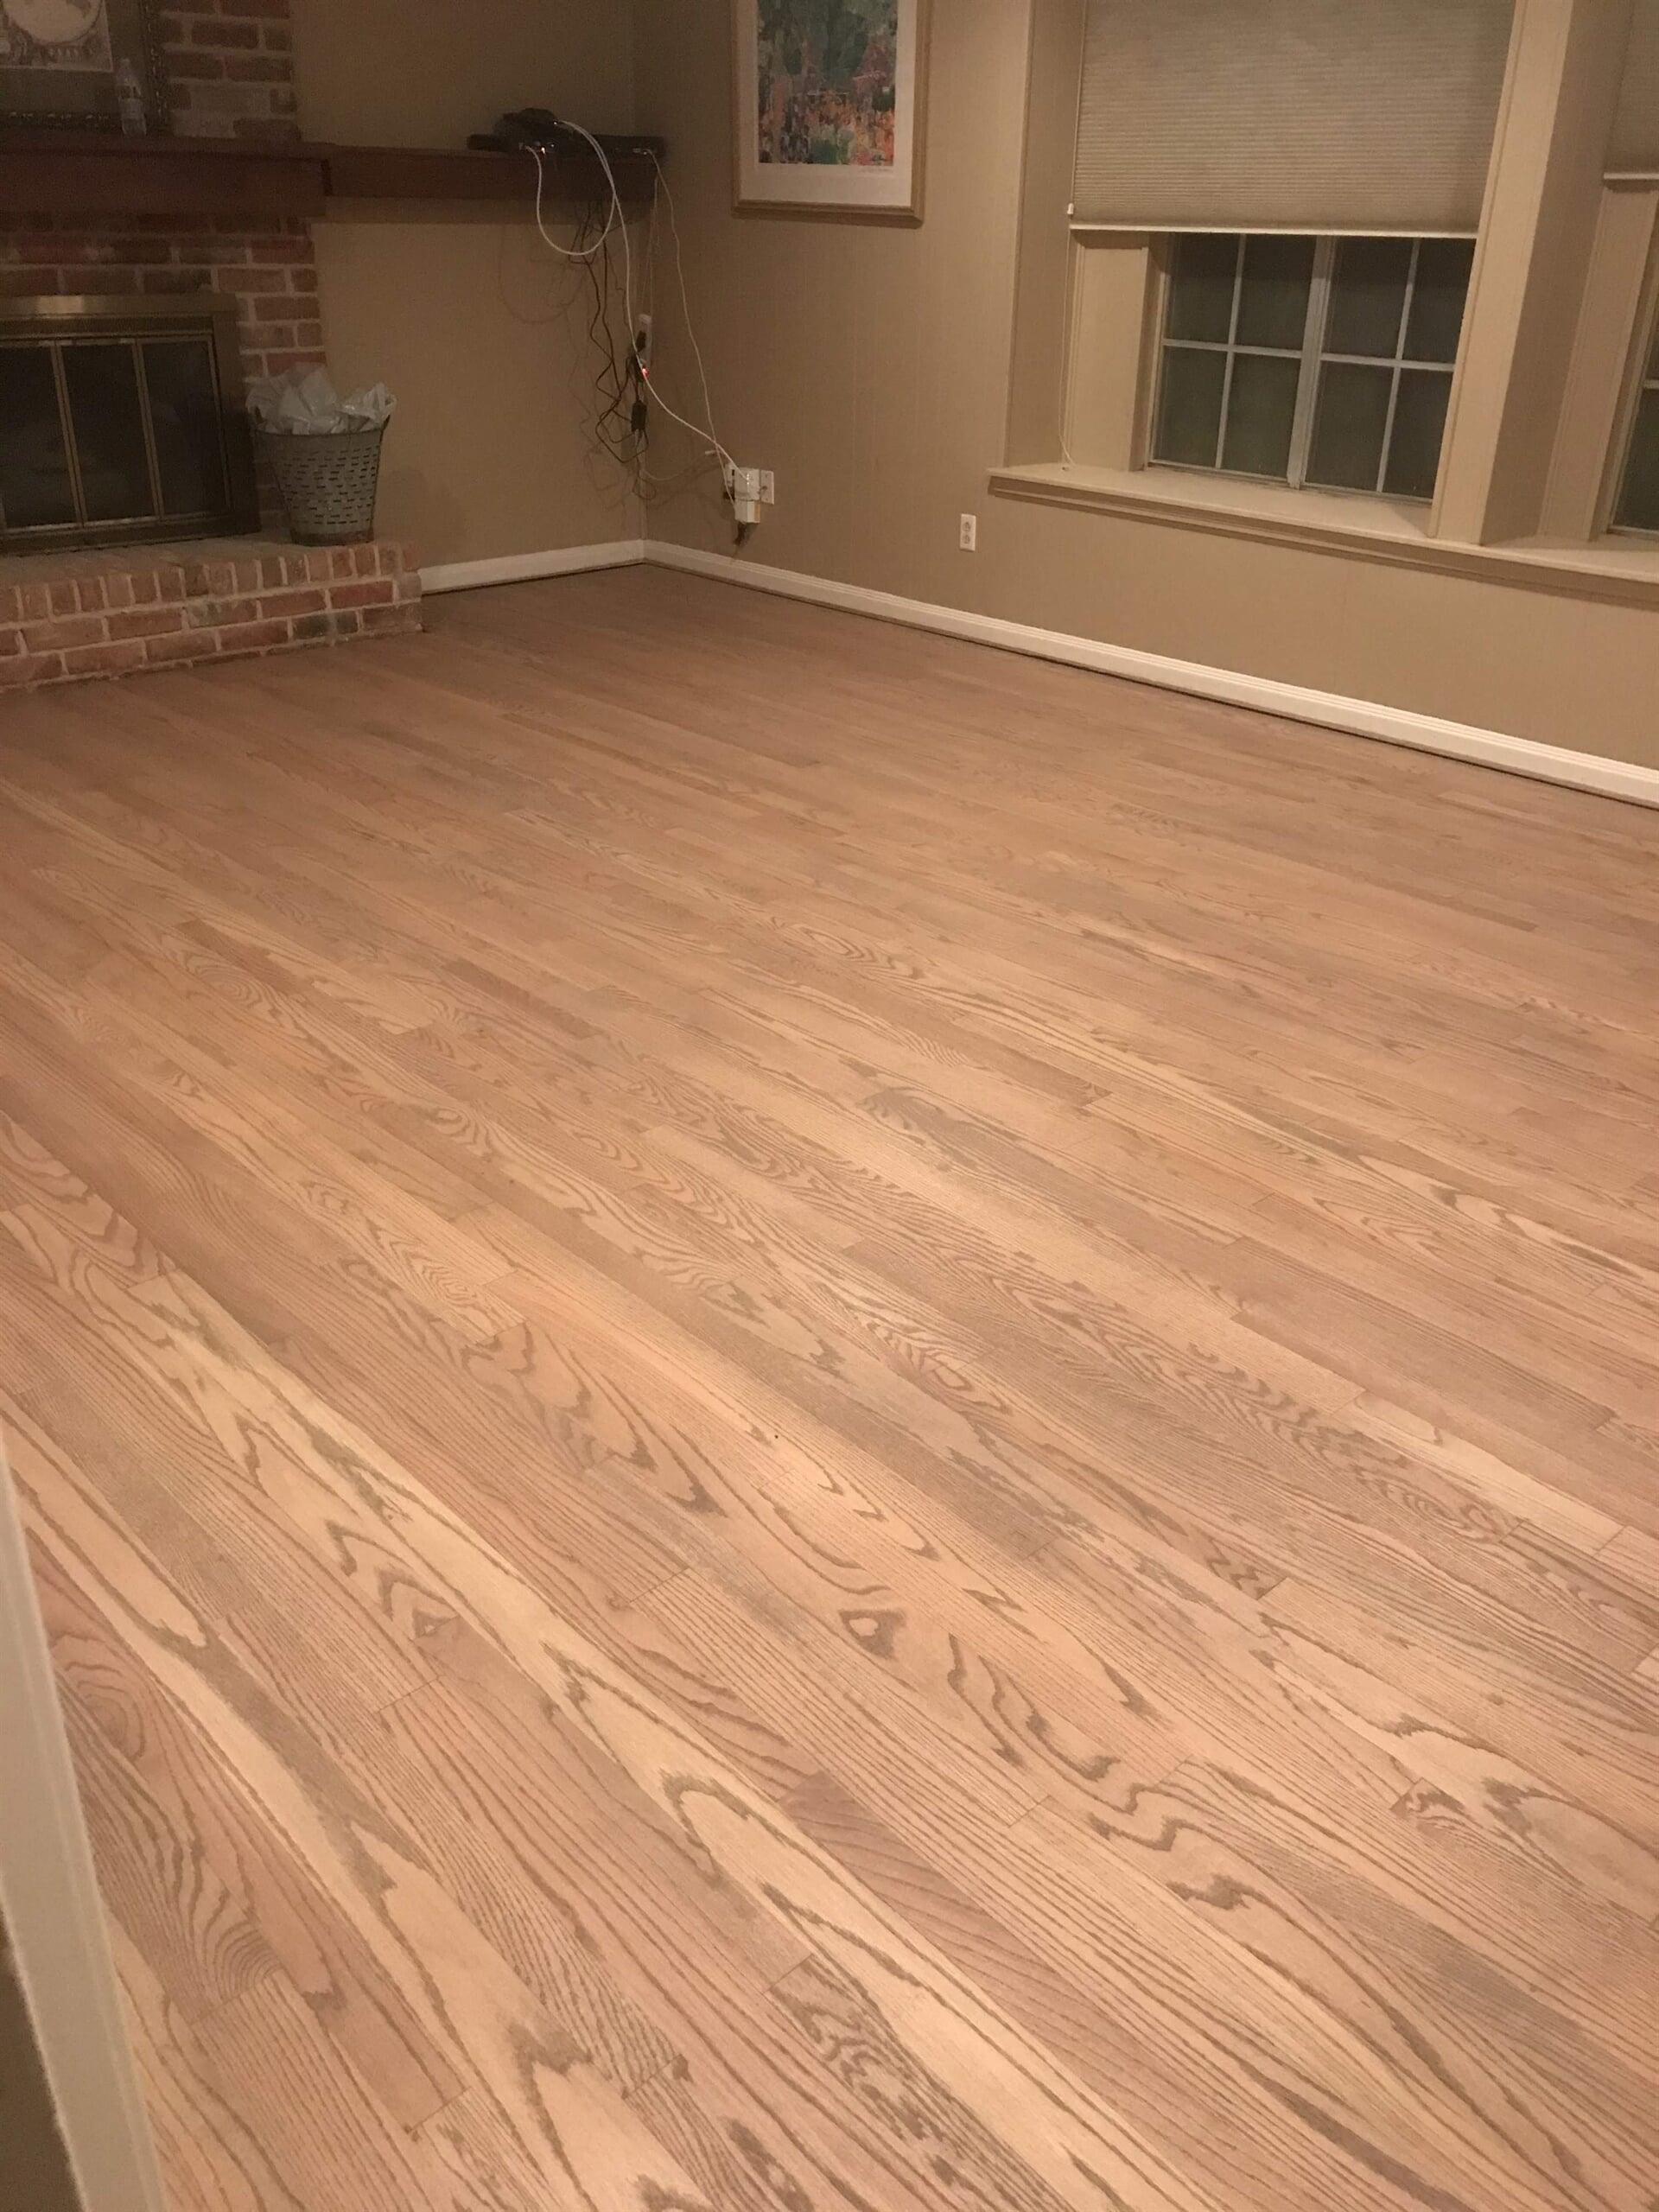 Flooring installation in Houston, TX from Floor Inspirations